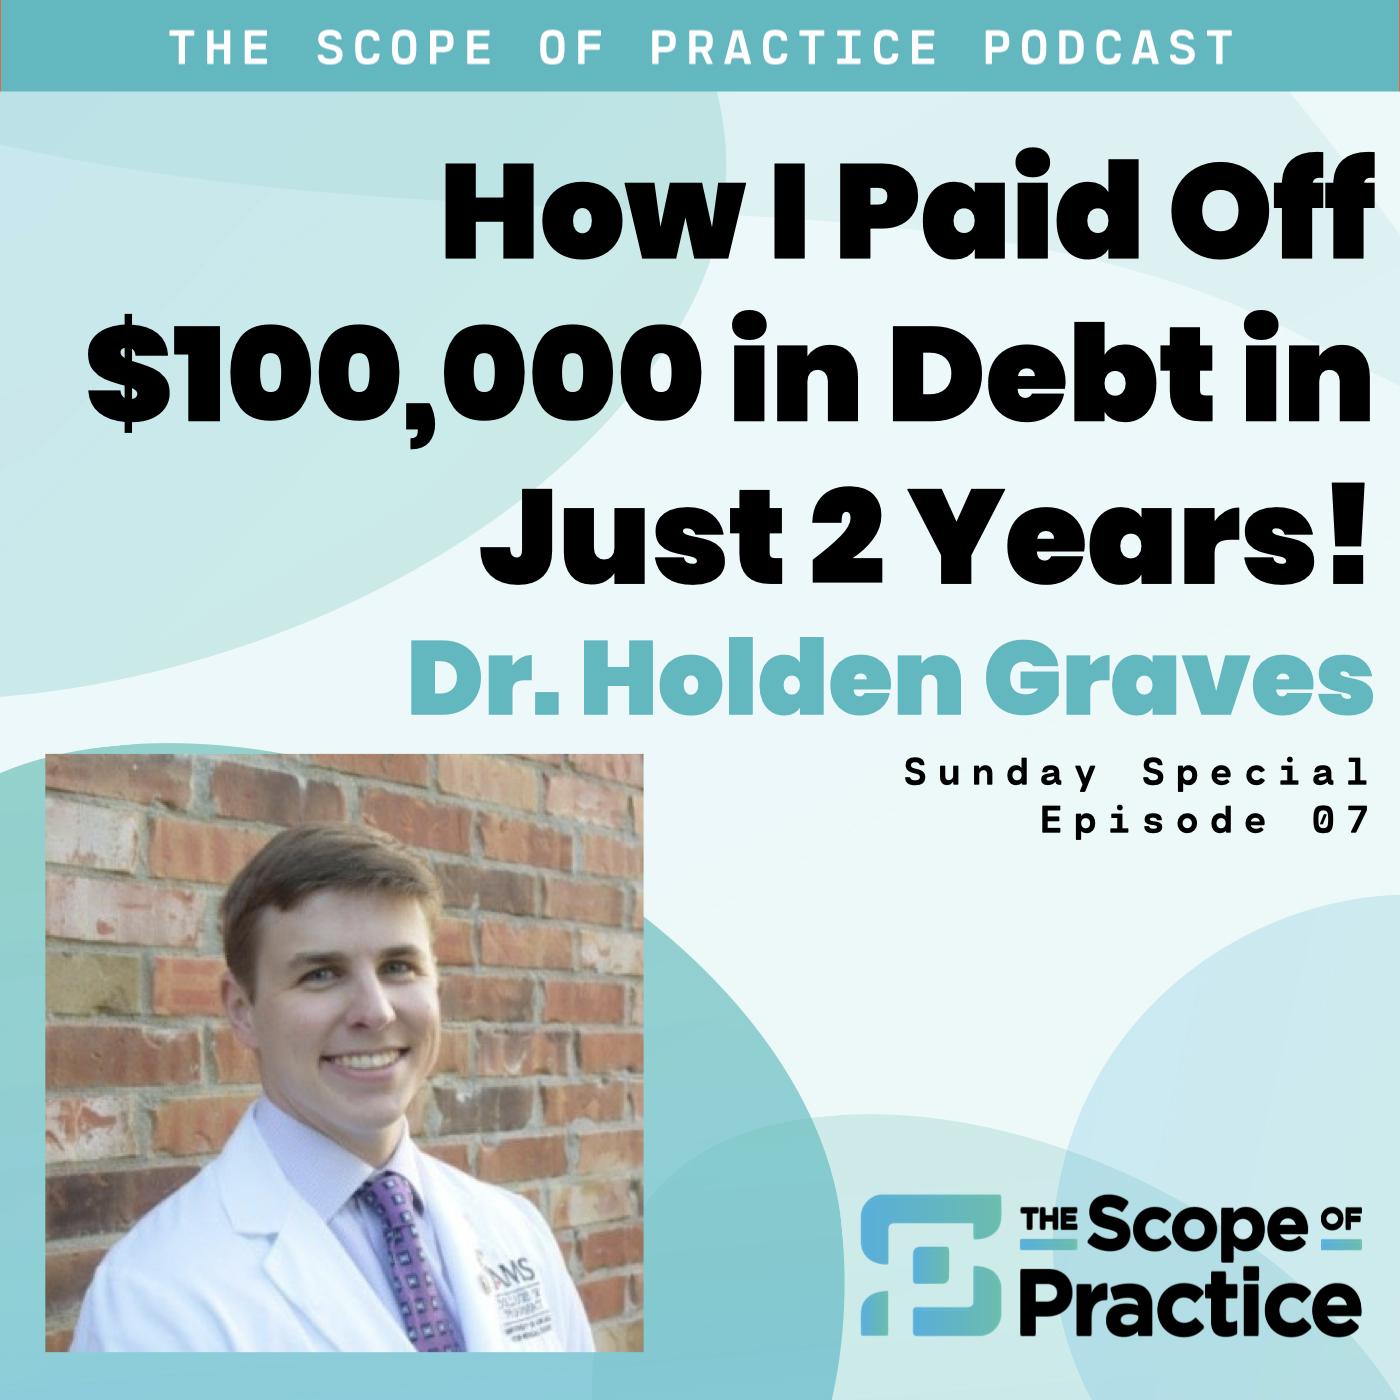 Holden Graves